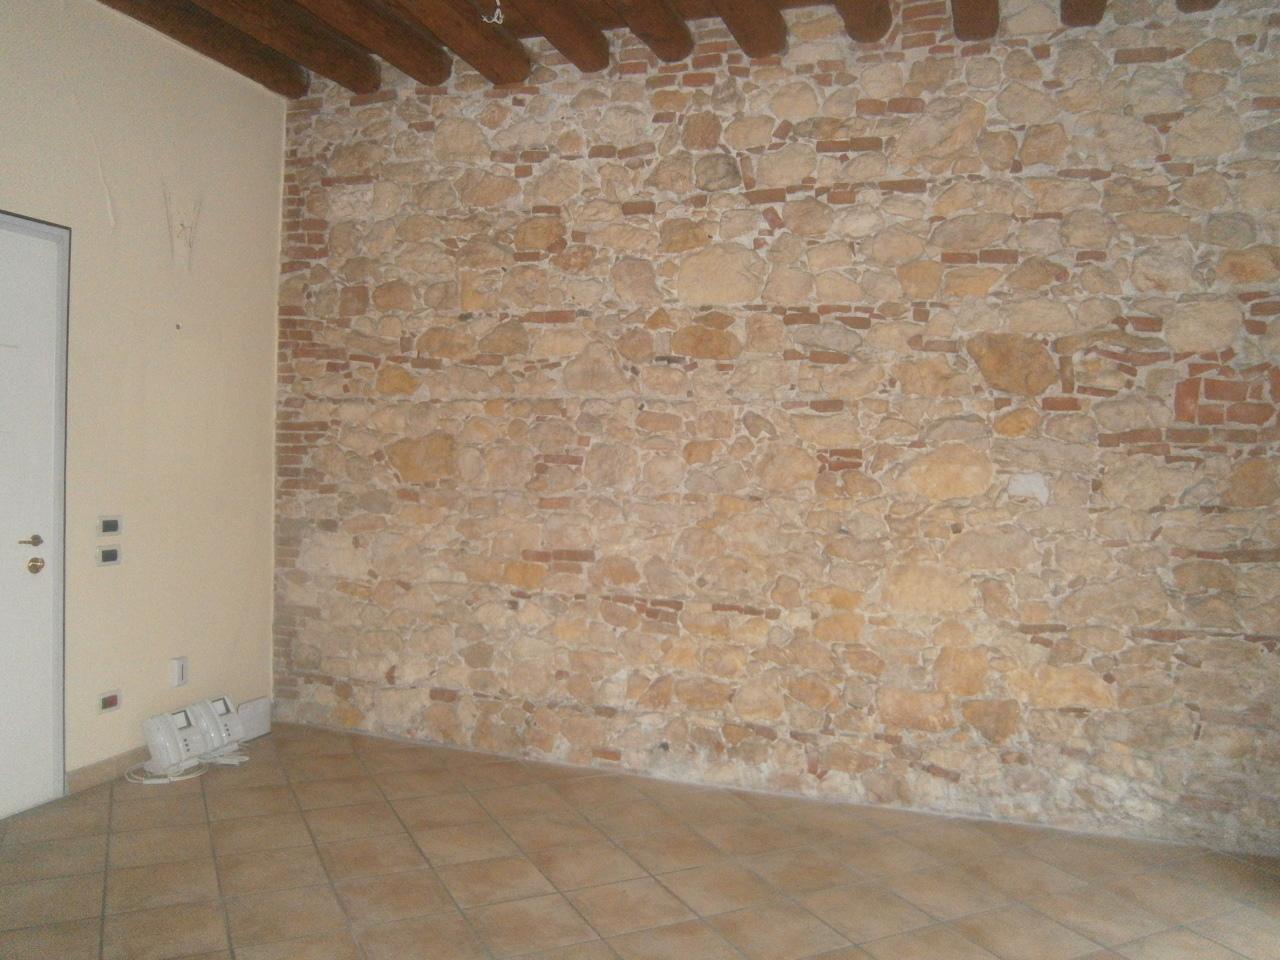 Negozio / Locale in affitto a Lonigo, 4 locali, prezzo € 750 | CambioCasa.it